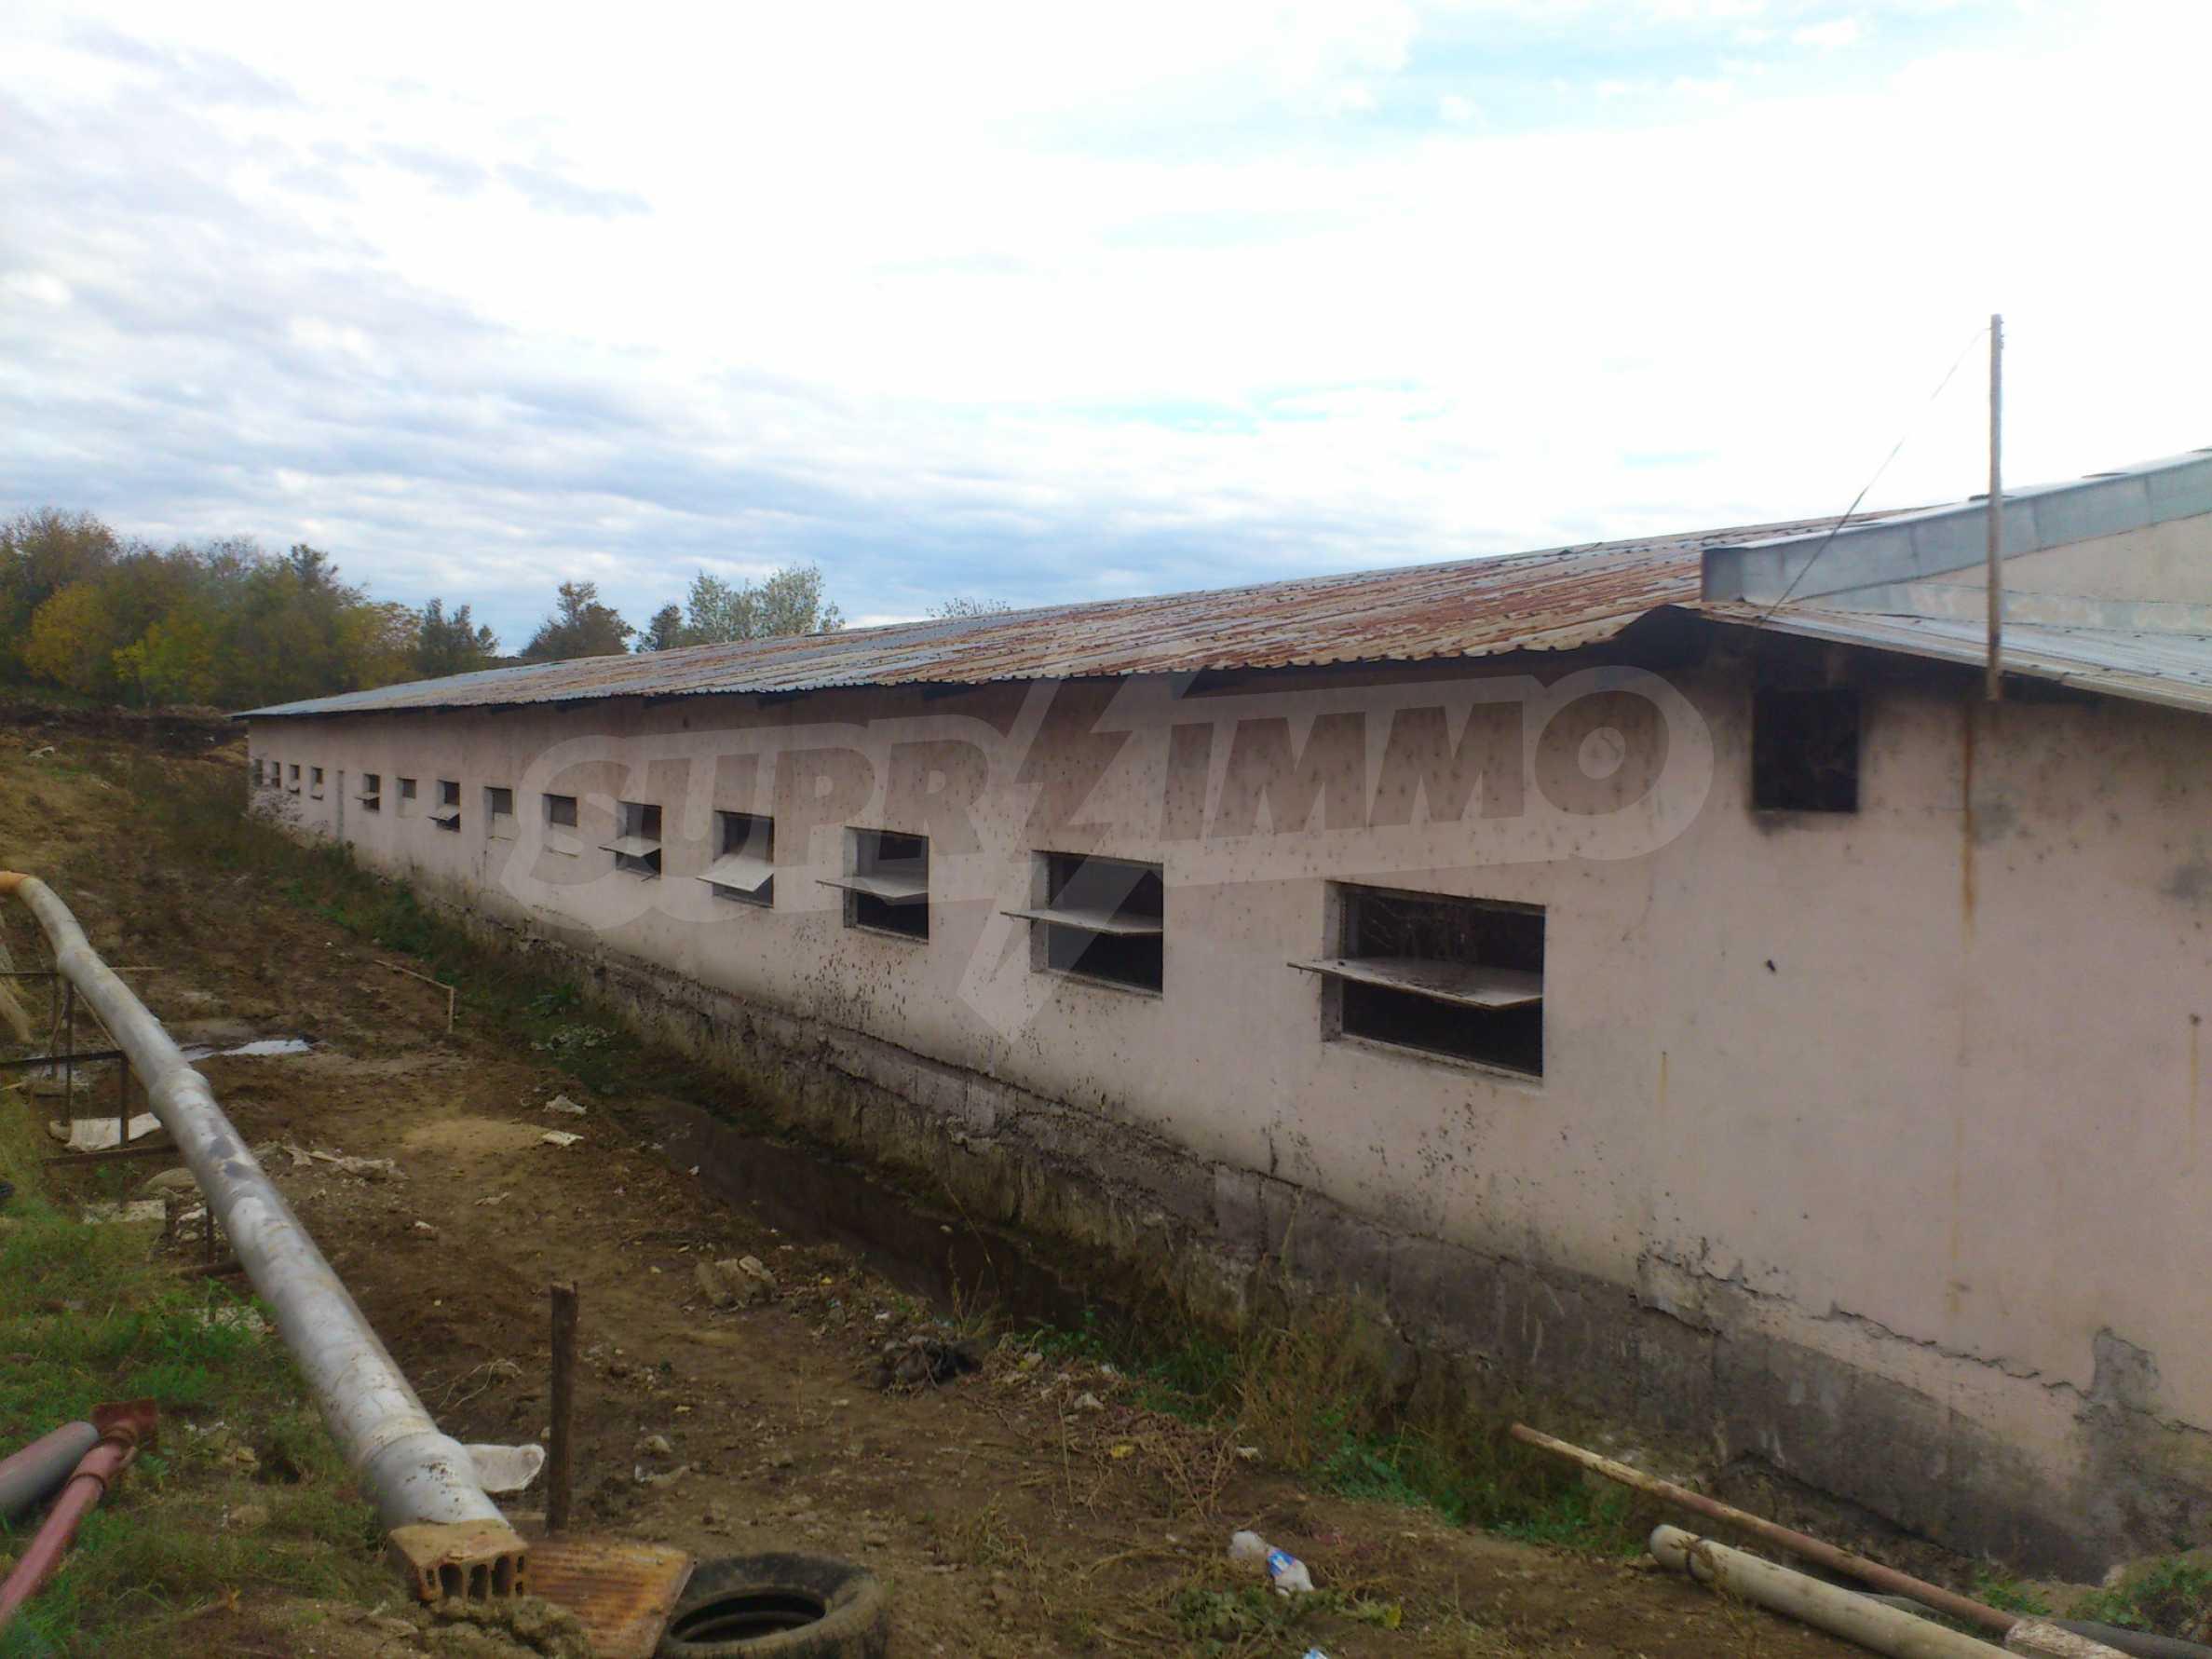 Neues Bauernhaus in einem Dorf in der Nähe von Veliko Tarnovo 14